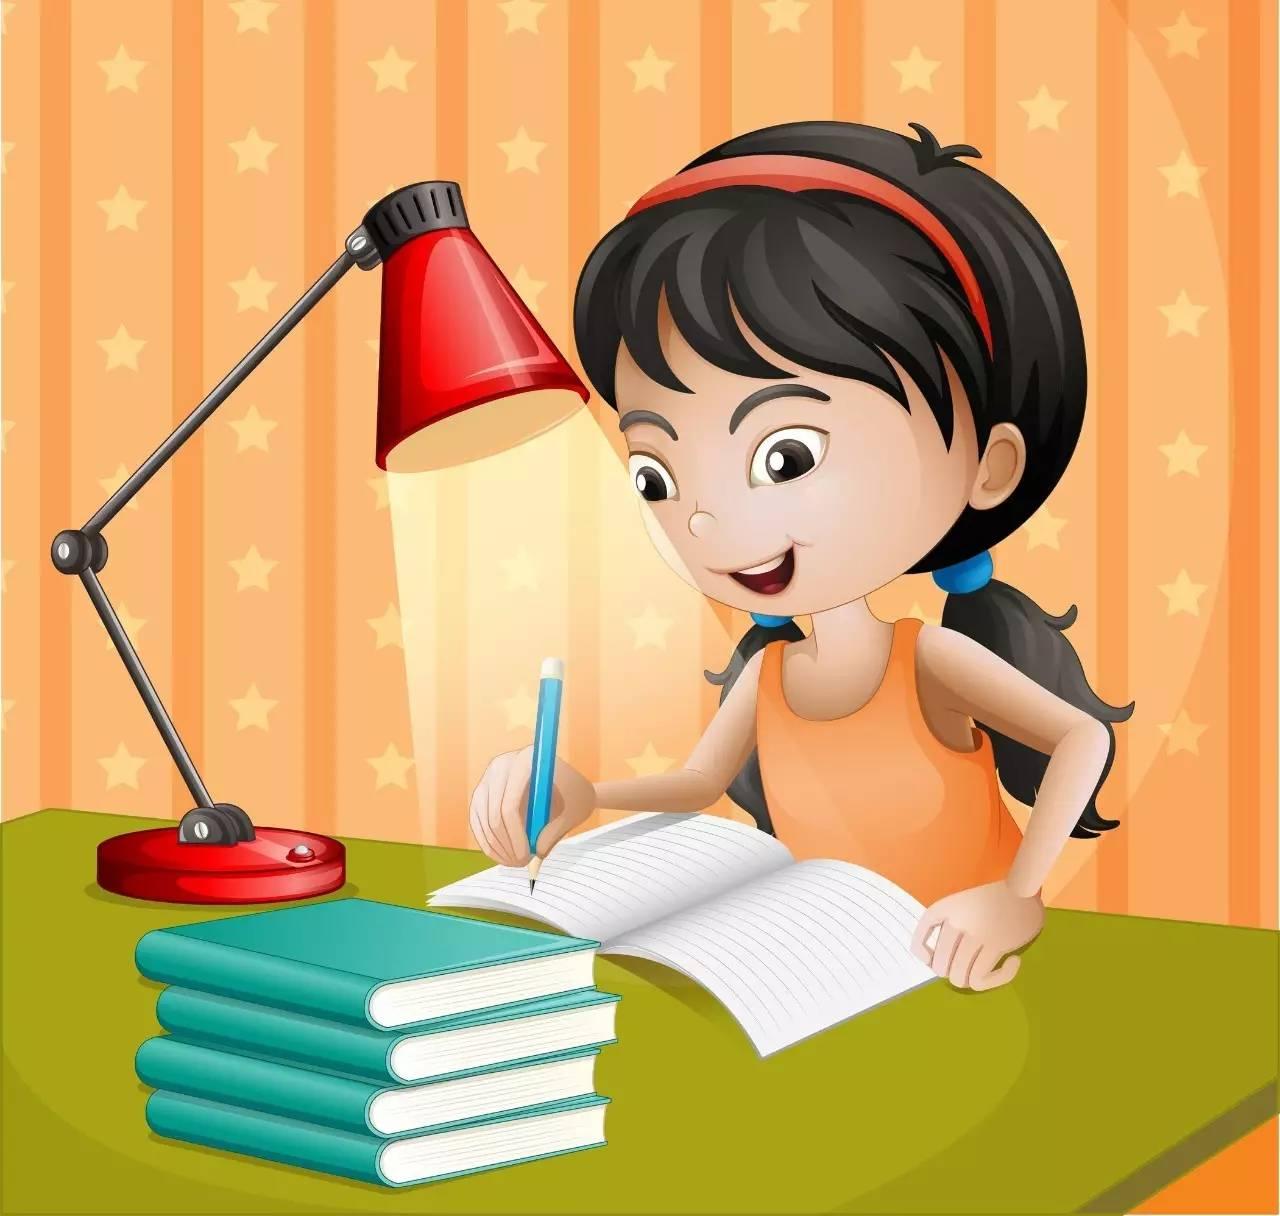 妈妈陪孩子写作业有妙招,专治磨蹭!越早用效果越好!图片